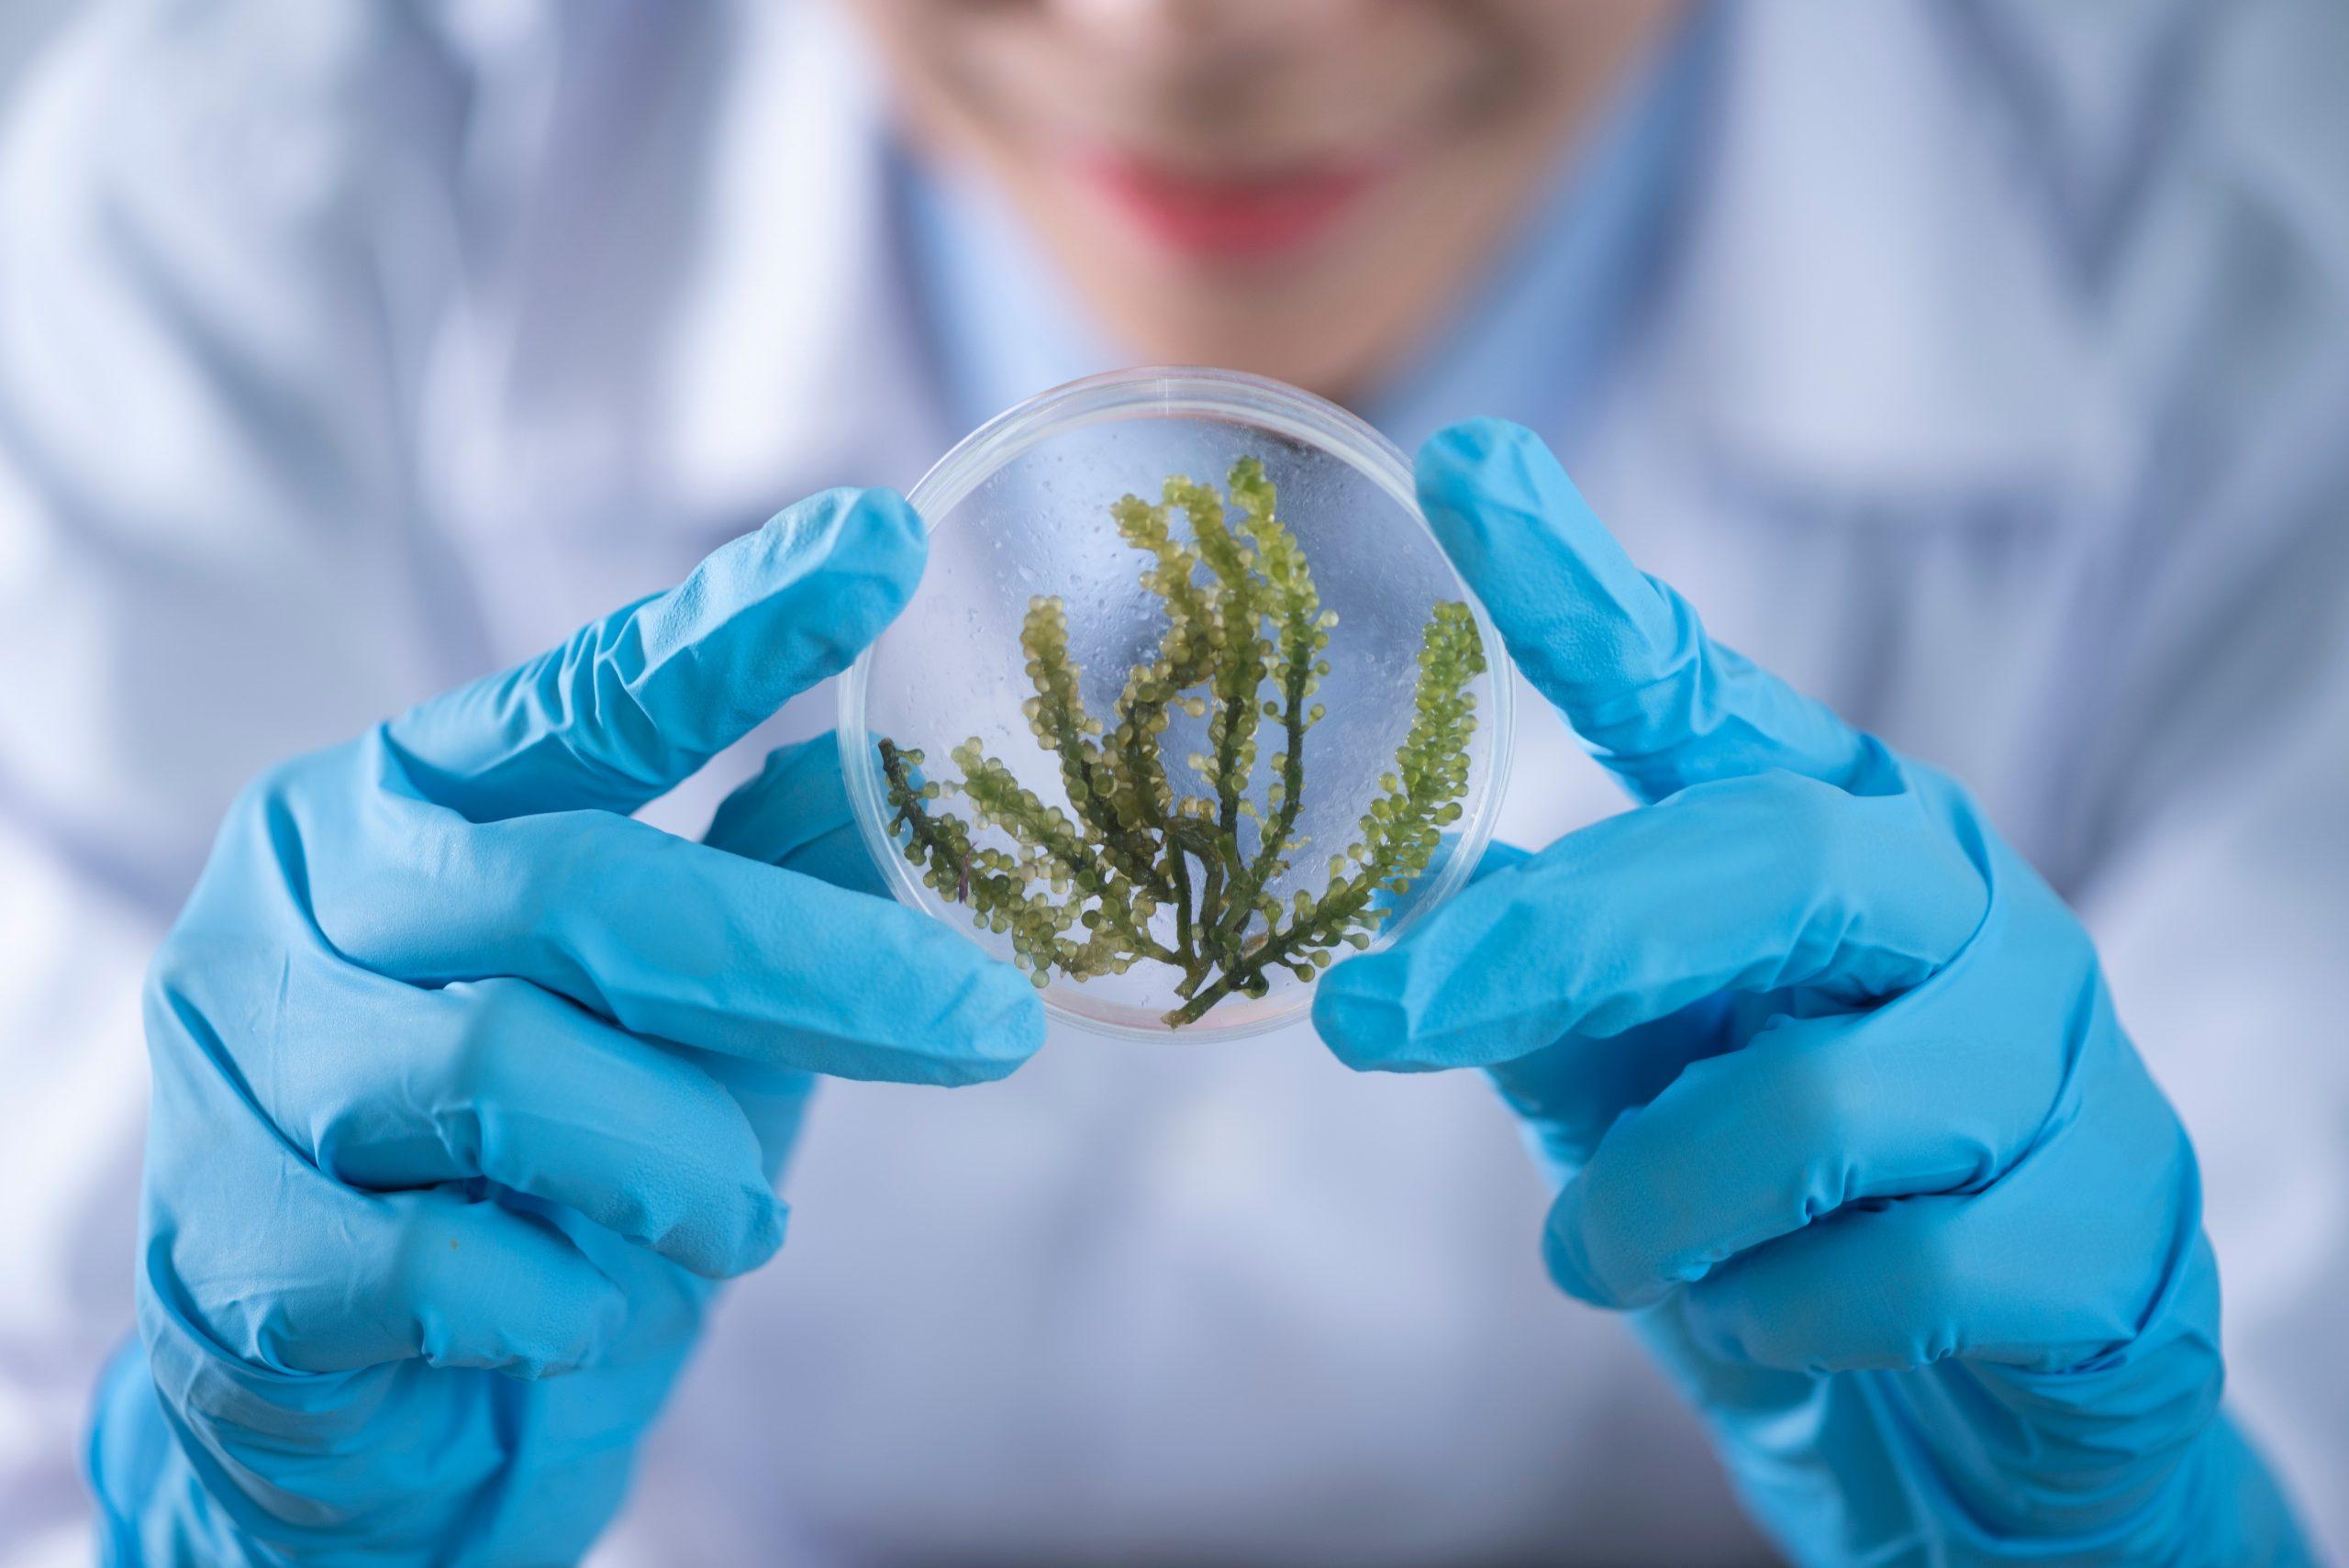 Cientista com jaleco branco, desfocado no fundo da foto. Suas mãos com luvas azuis está em destaque, segurando uma amostra de alguma planta.